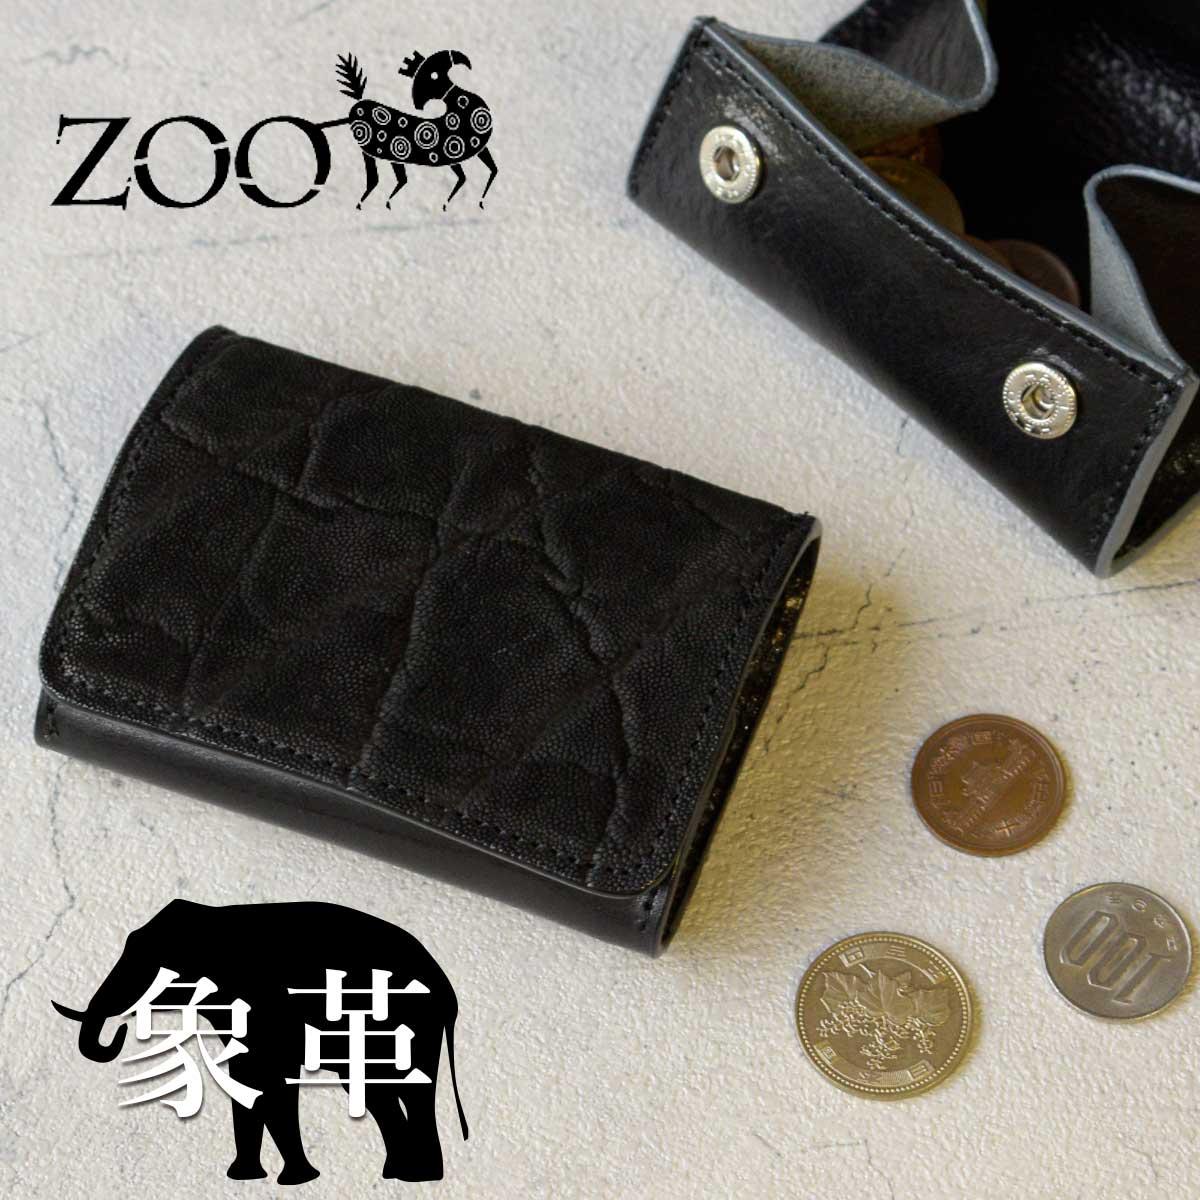 【メッセージカード・ラッピング無料】ZOO(ズー) メンズ エレファントレザー 象革 小銭入れ コインケース zcc-030 ブラック